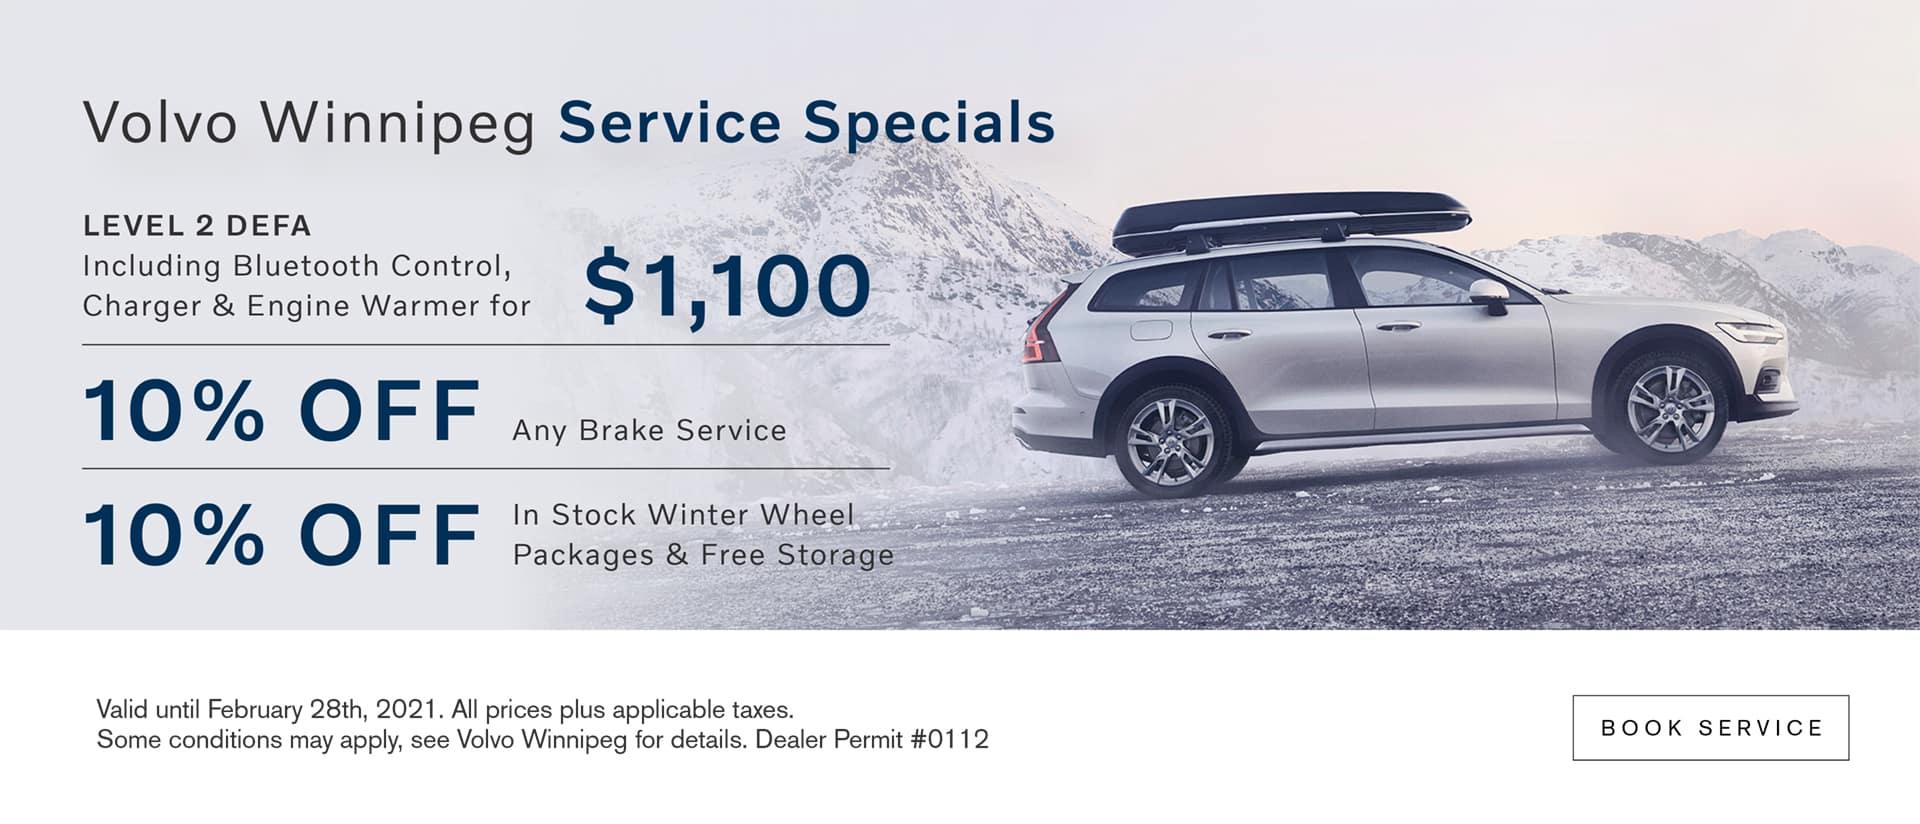 Volvo-02-SERVICE-WebsiteBanner-W